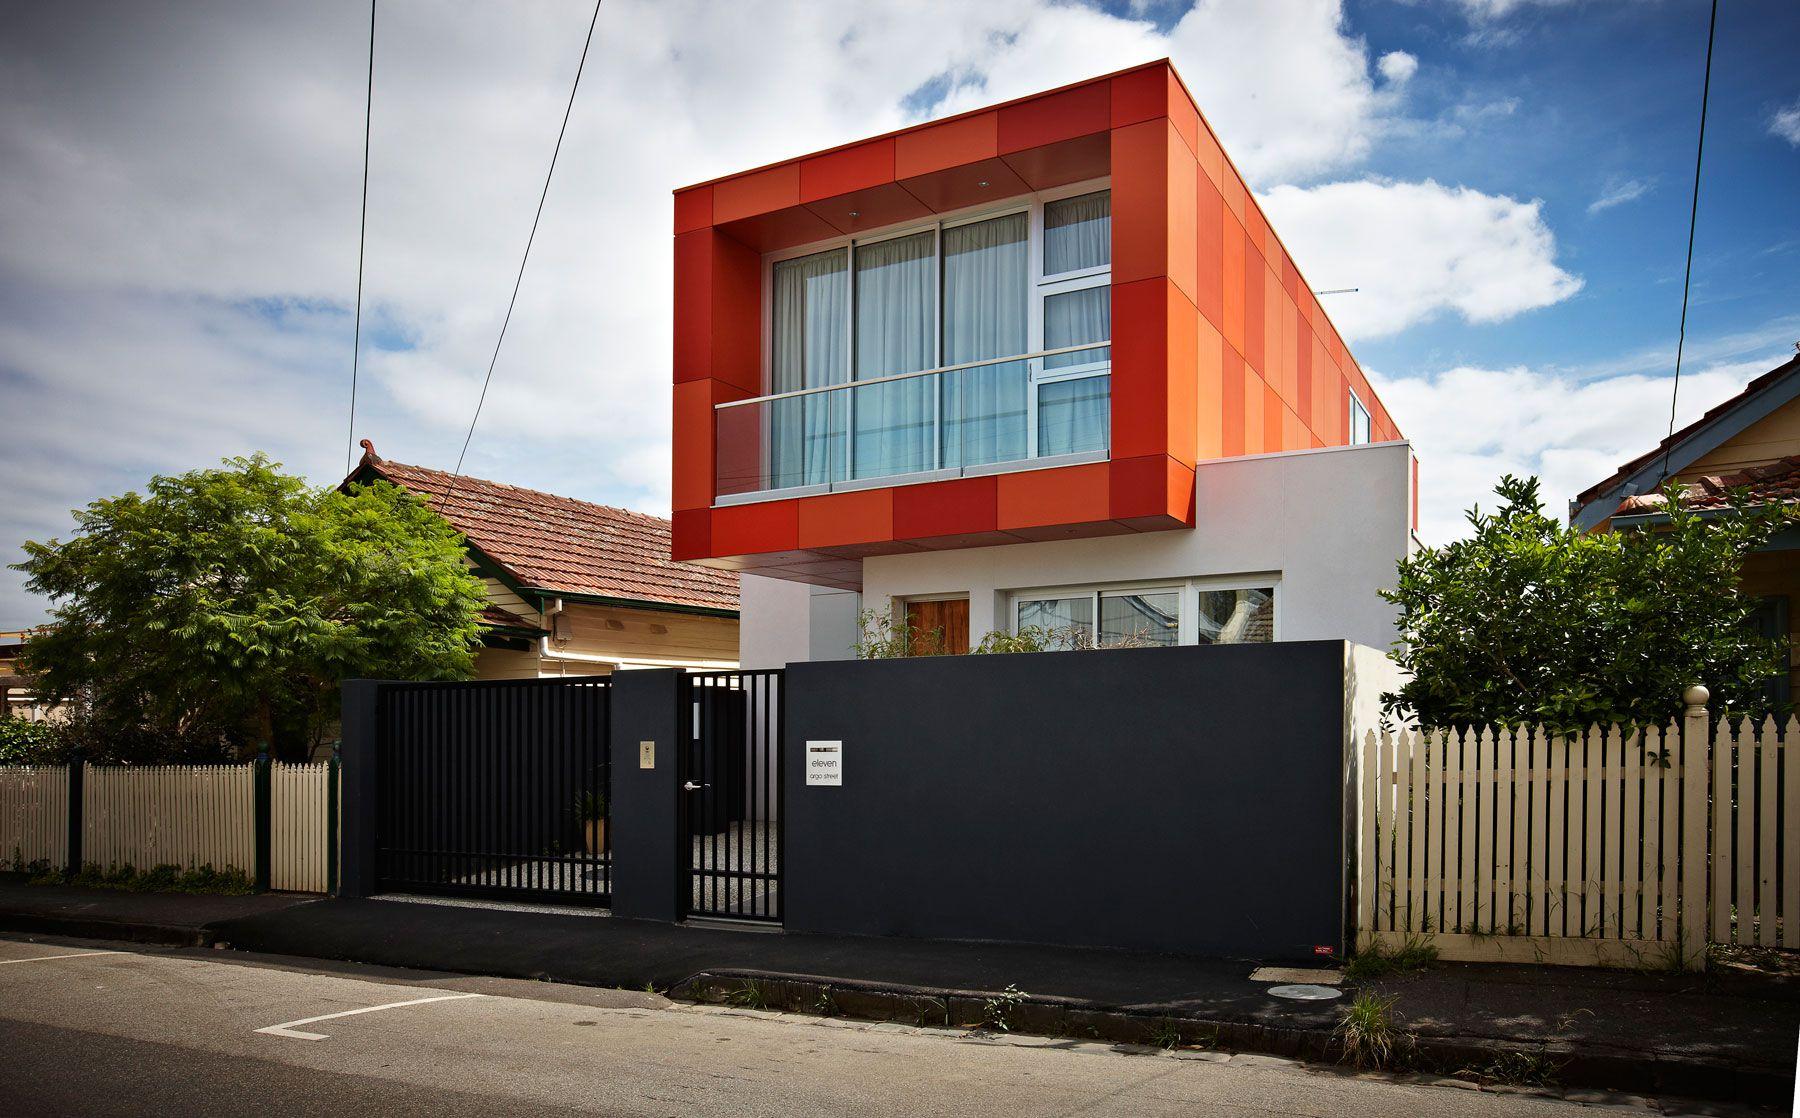 Dise o de casa moderna de dos plantas planos - Colores de fachadas modernas ...